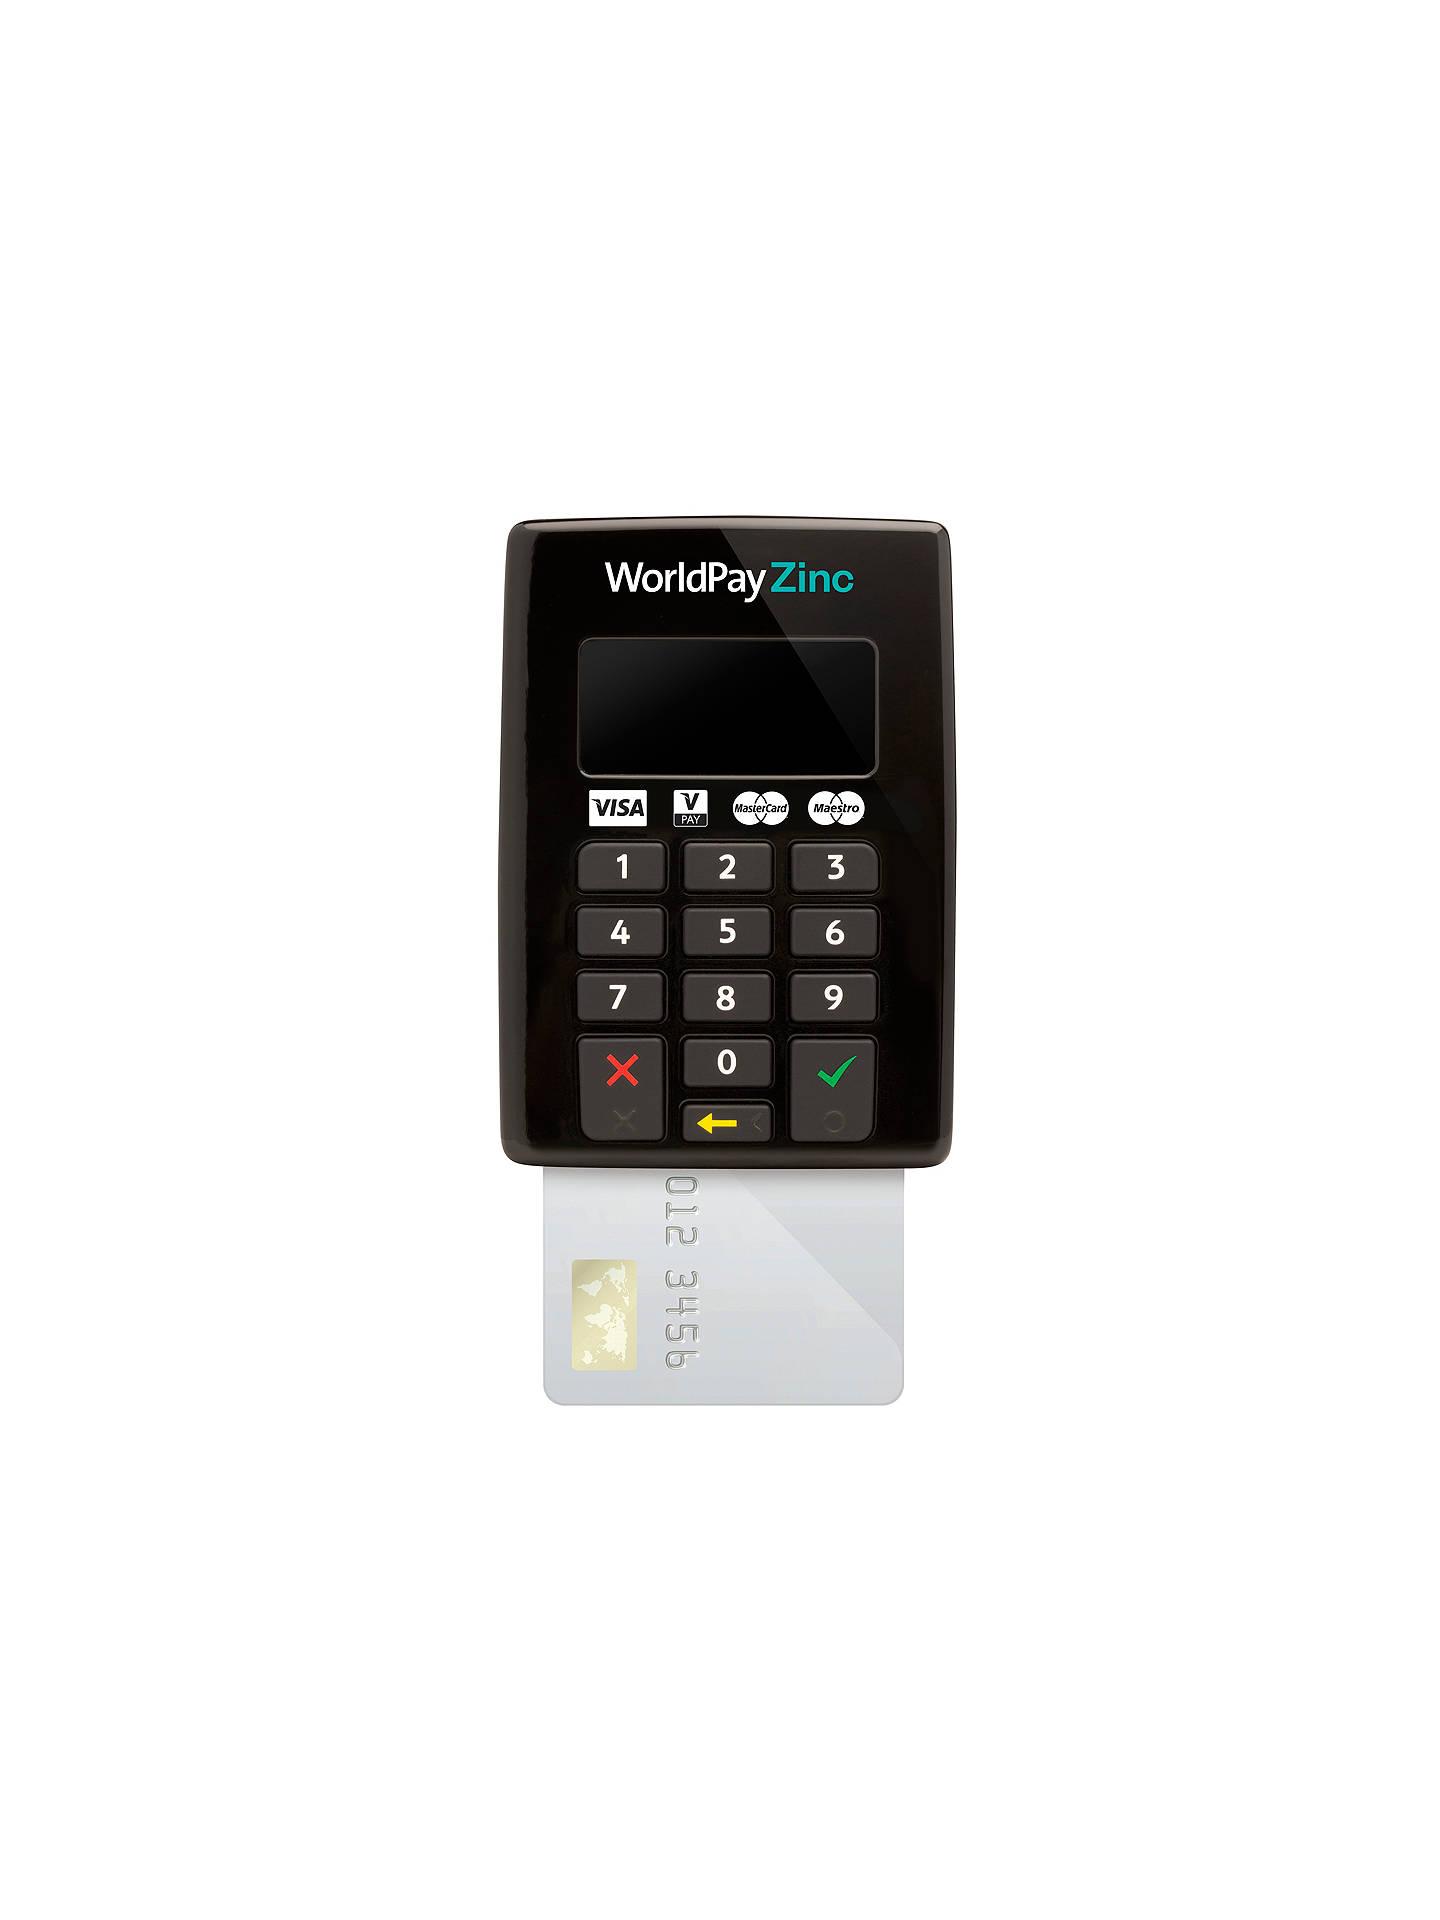 World Pay Zinc >> Worldpay Zinc Chip Pin Keypad At John Lewis Partners